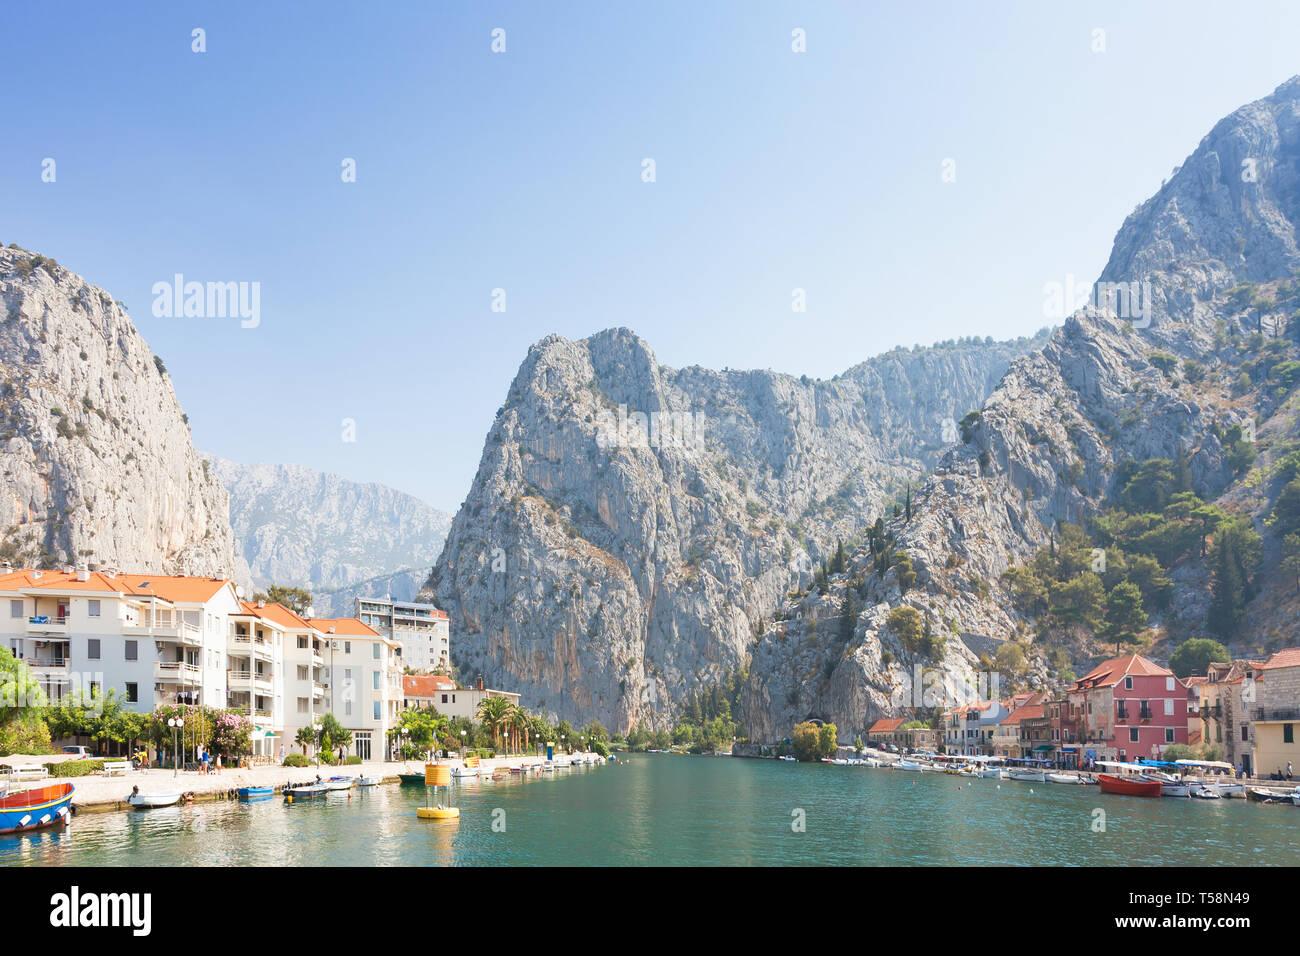 Omis, Kroatien, Europa - der Cetina in der Nähe von Omis, die zum Land zurück Stockfoto